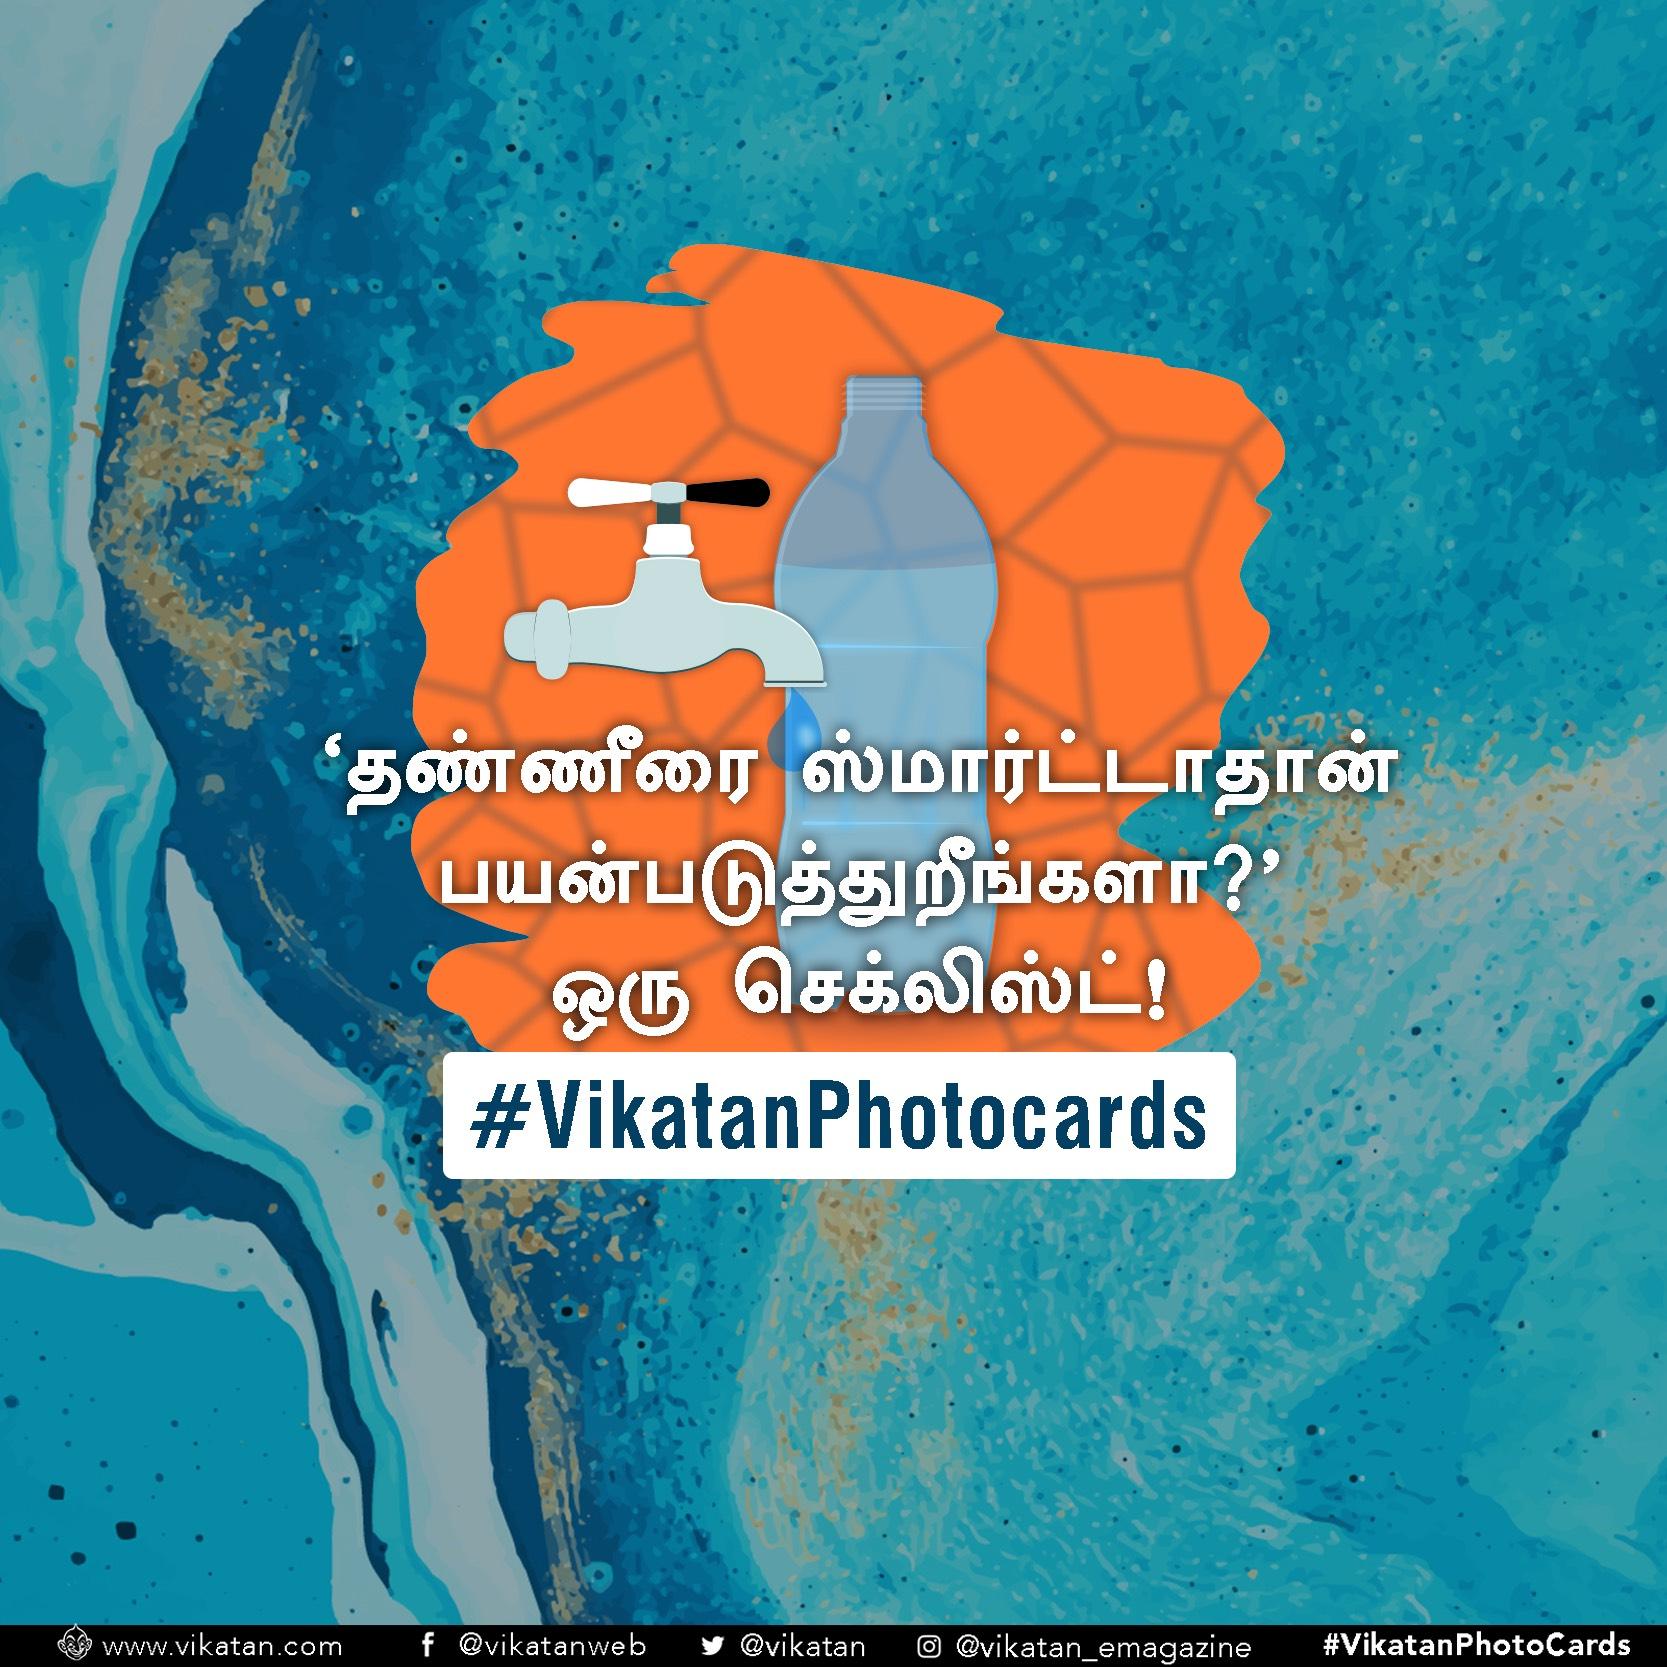 தண்ணீரை ஸ்மார்ட்டாதான் பயன்படுத்துறீங்களா? ஒரு செக்லிஸ்ட்! #VikatanPhotoCards